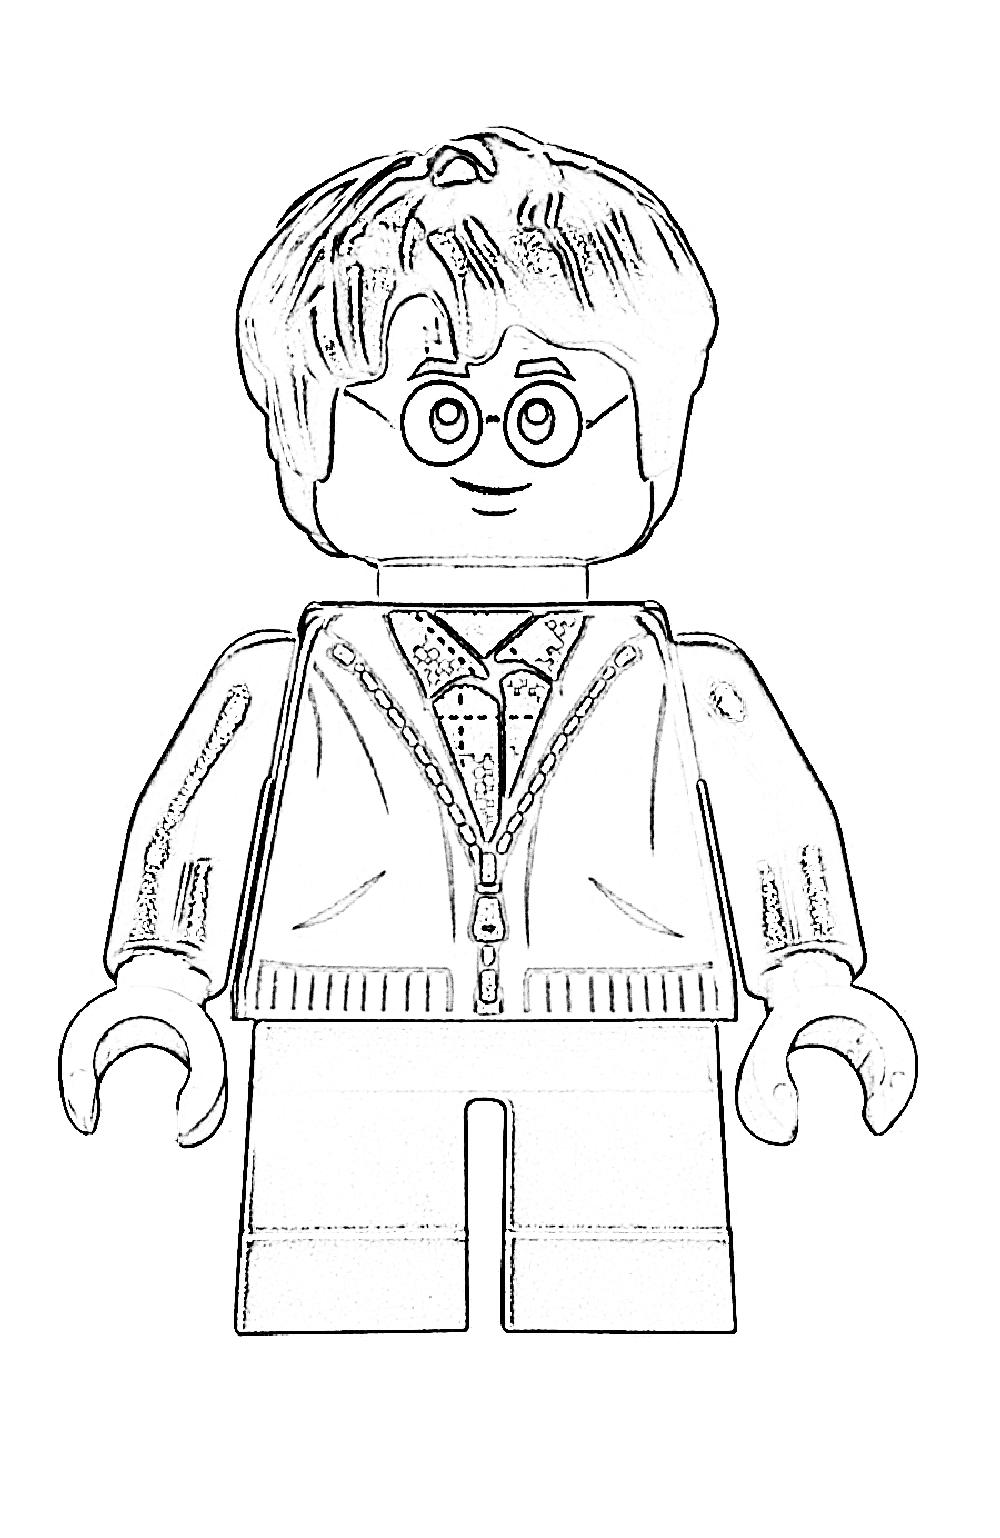 Раскраска Гарри Поттер 2 - Раскрась этот мир!